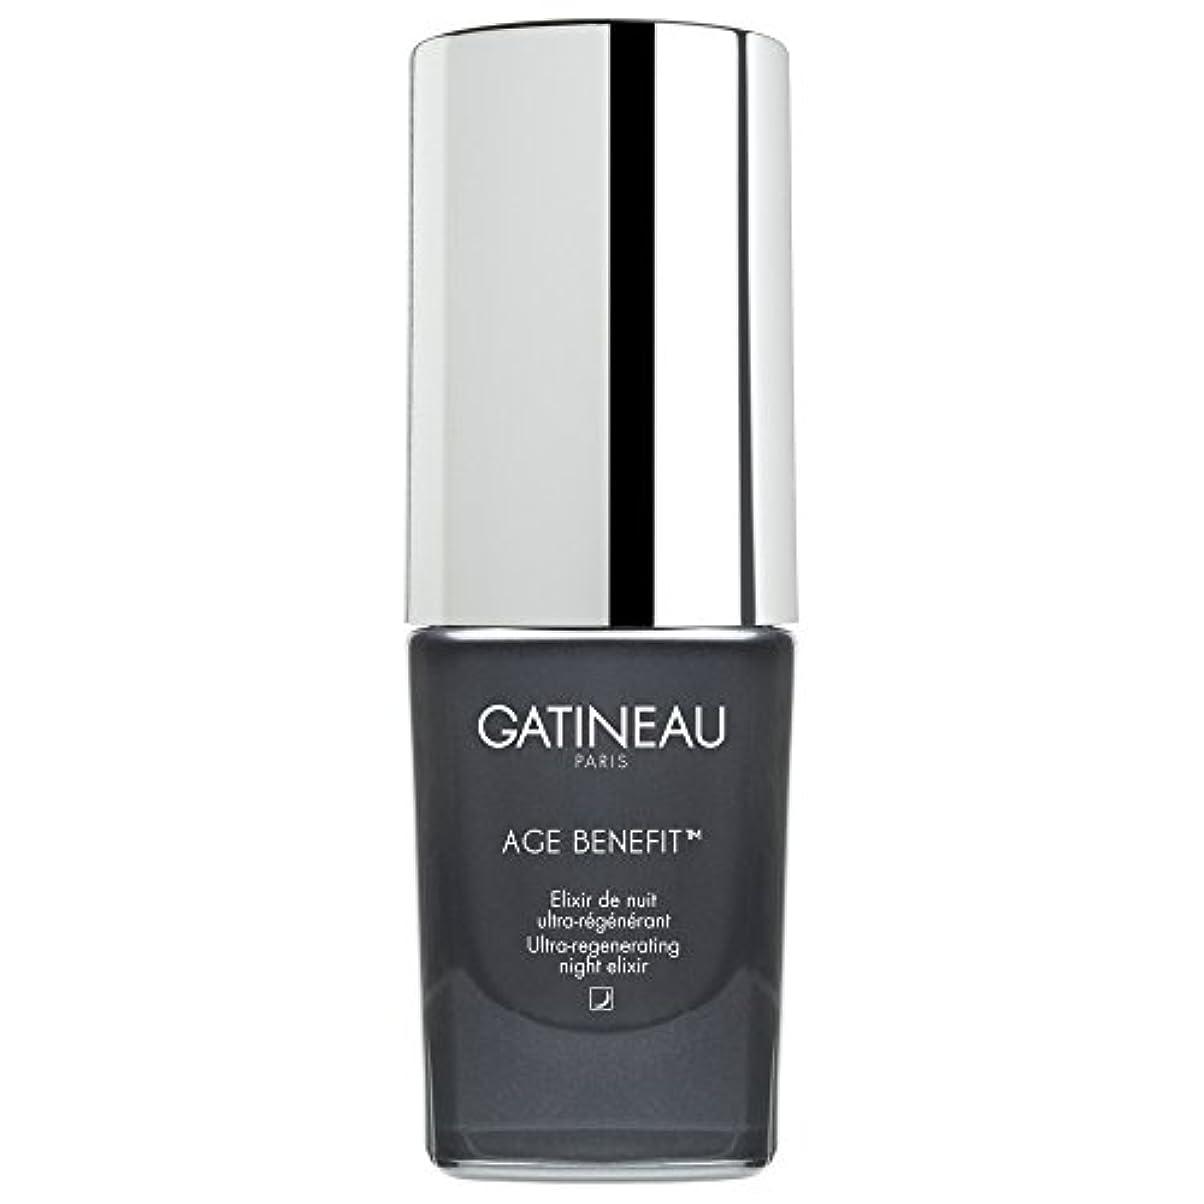 他の日主観的テラスガティノー年齢給付超再生夜のエリクシルの15ミリリットル (Gatineau) (x2) - Gatineau Age Benefit Ultra-Regenerating Night Elixir 15ml (Pack...